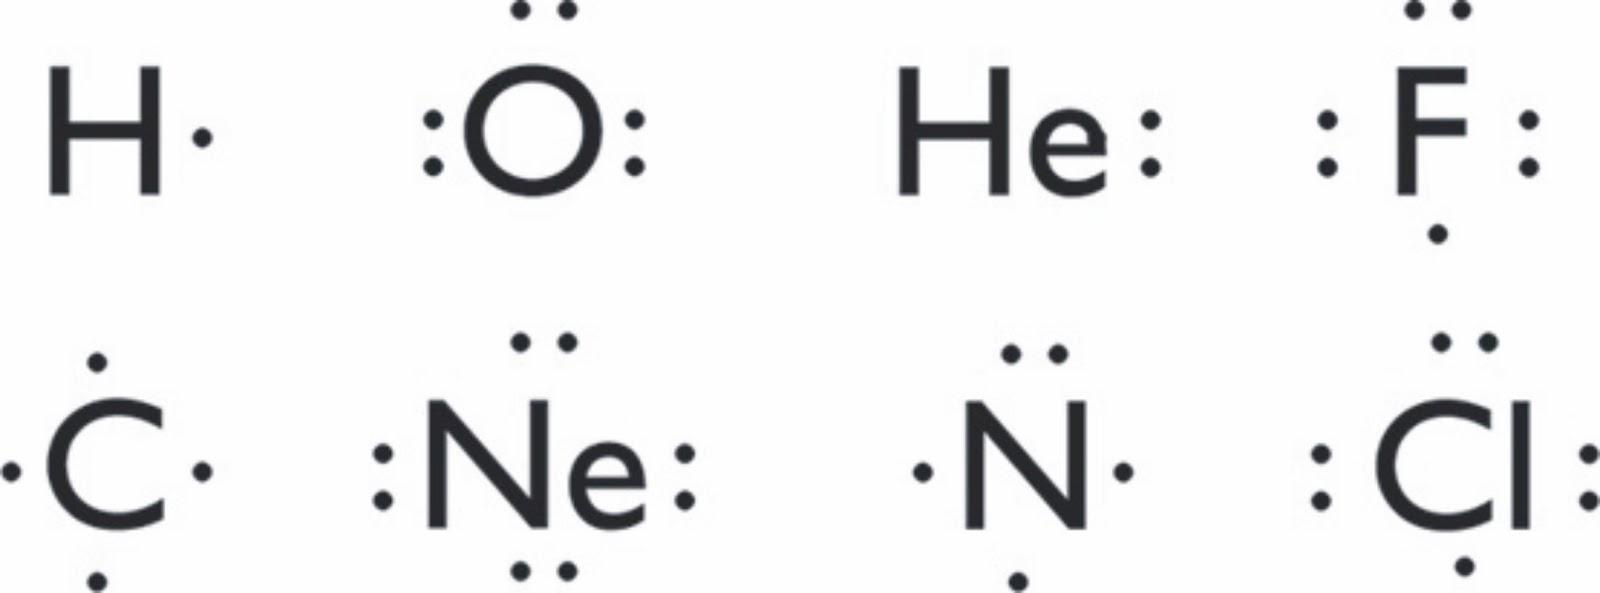 consiste en escribir el smbolo del elemento rodeado por los electrones de valencia que se indican mediante puntos o cruces - Tabla Periodica Con Sus Respectivas Valencias